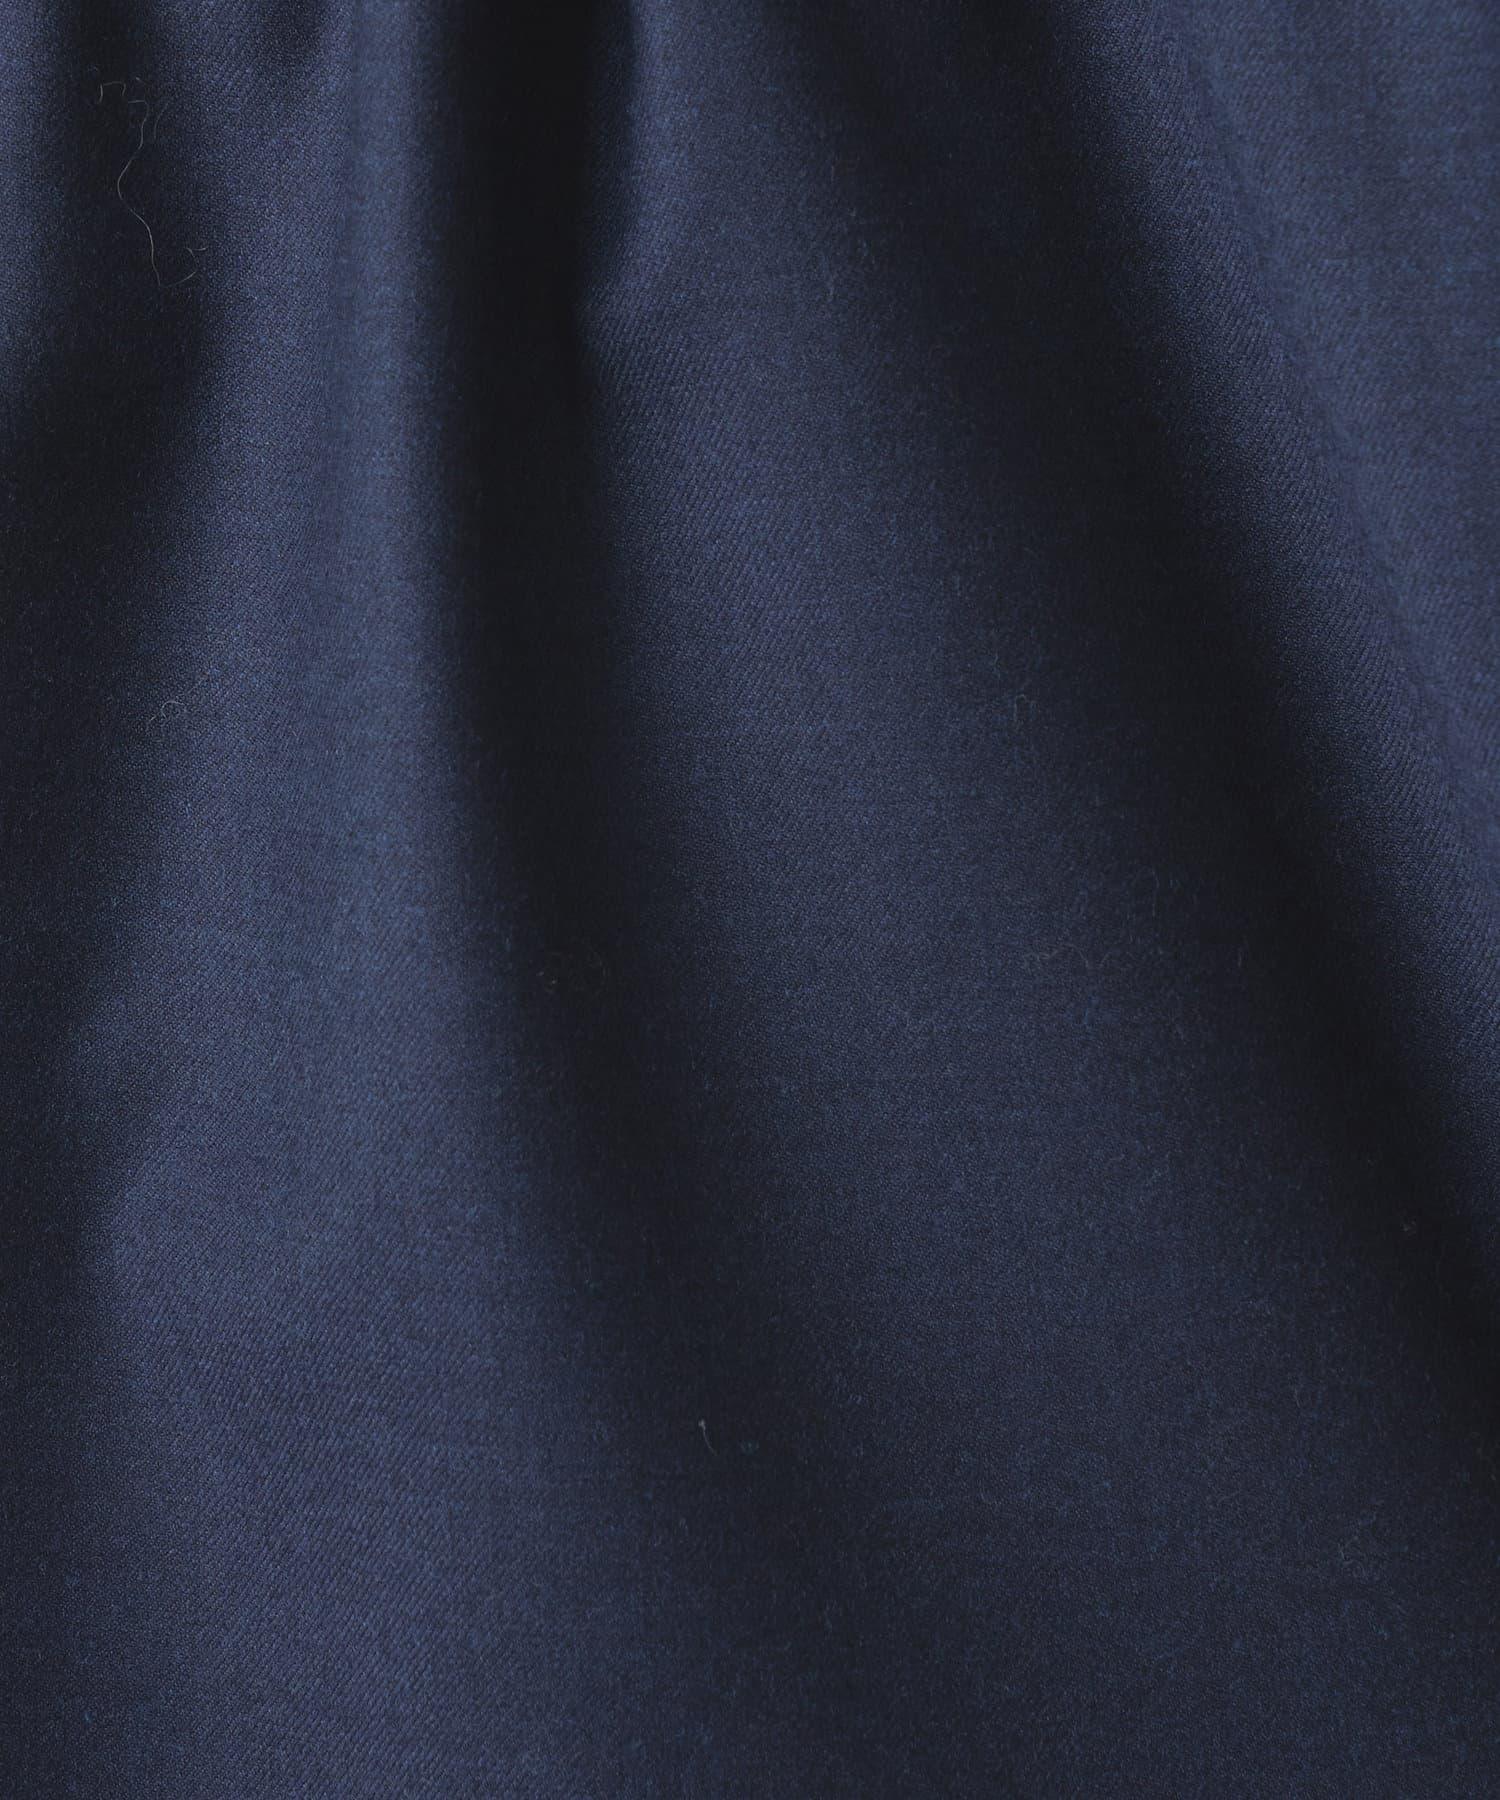 LIVETART(リヴェタート) 【大人気パンツが今期も登場!】リラックスパンツ【WEB限定】